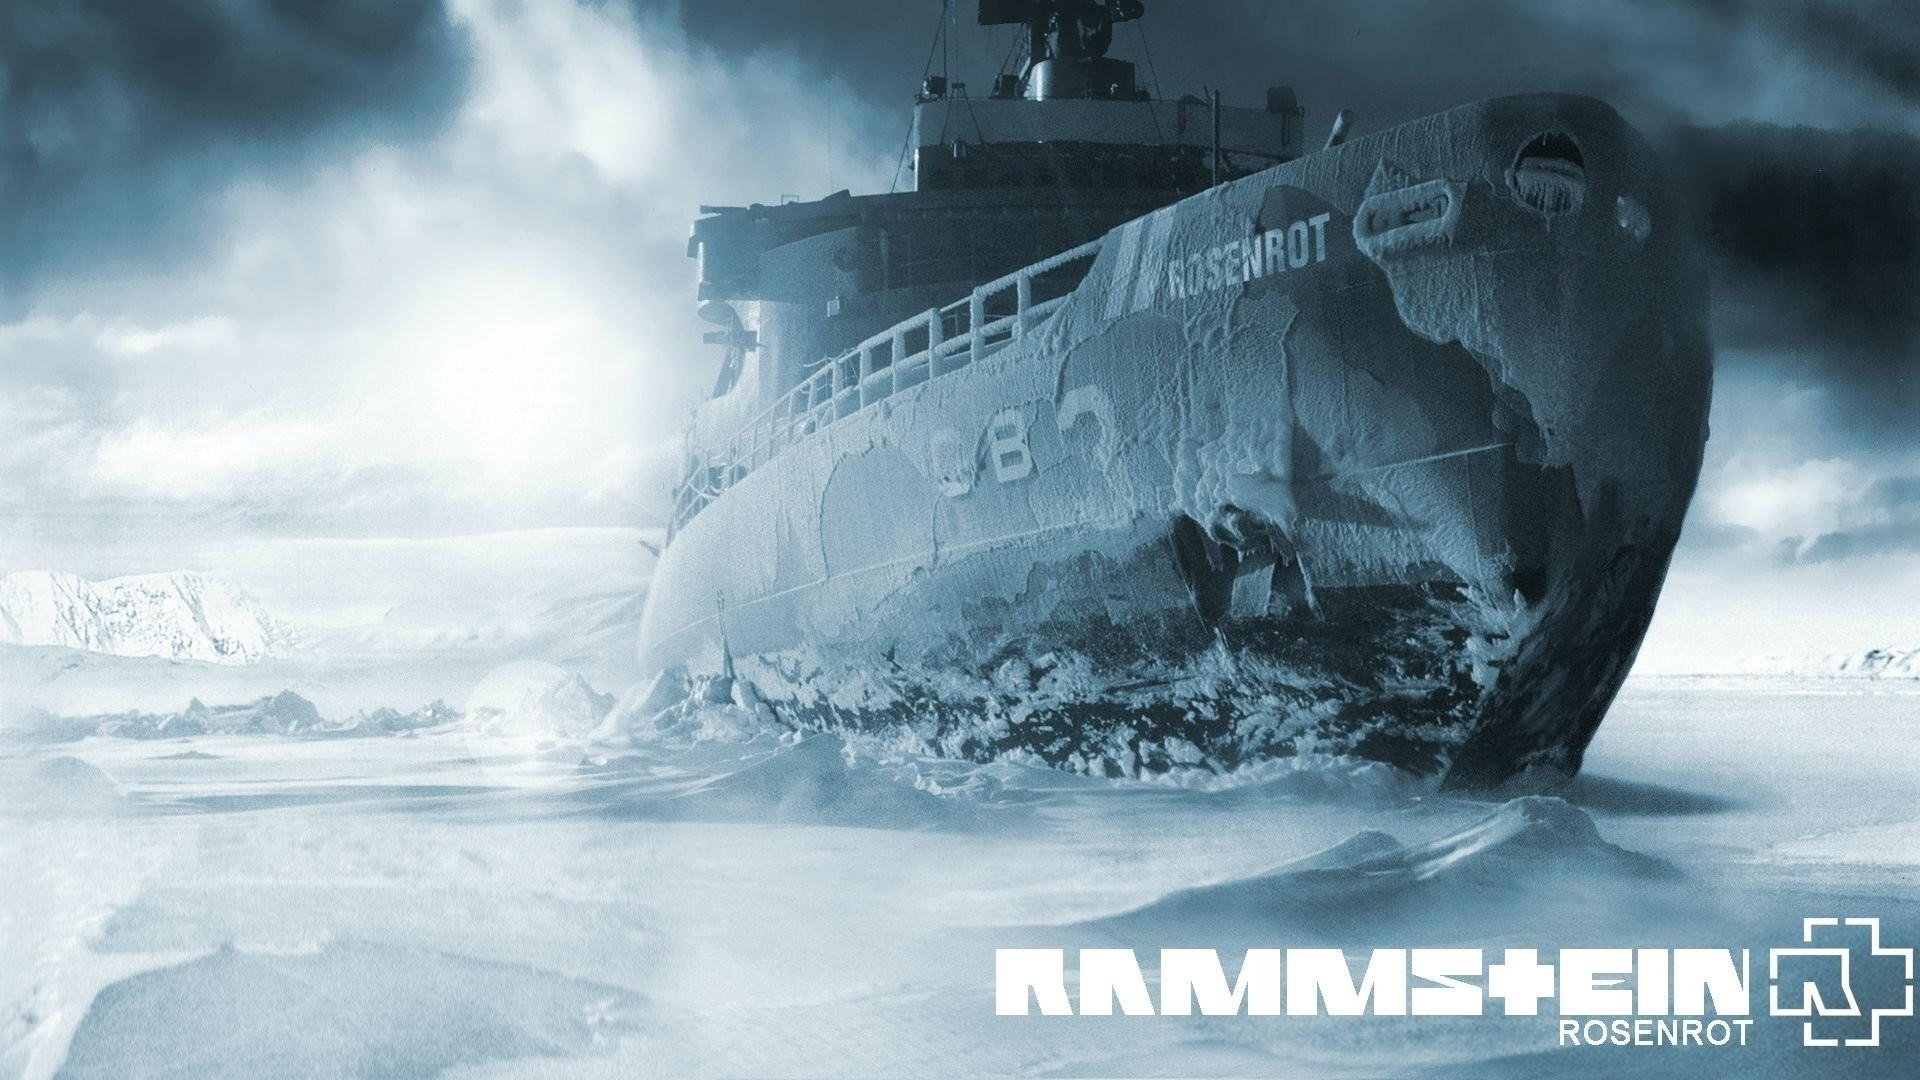 Res: 1920x1080,  Musik - Rammstein Deutschland Musik Album Cover Eis Schiff Shipwreck  Wallpaper